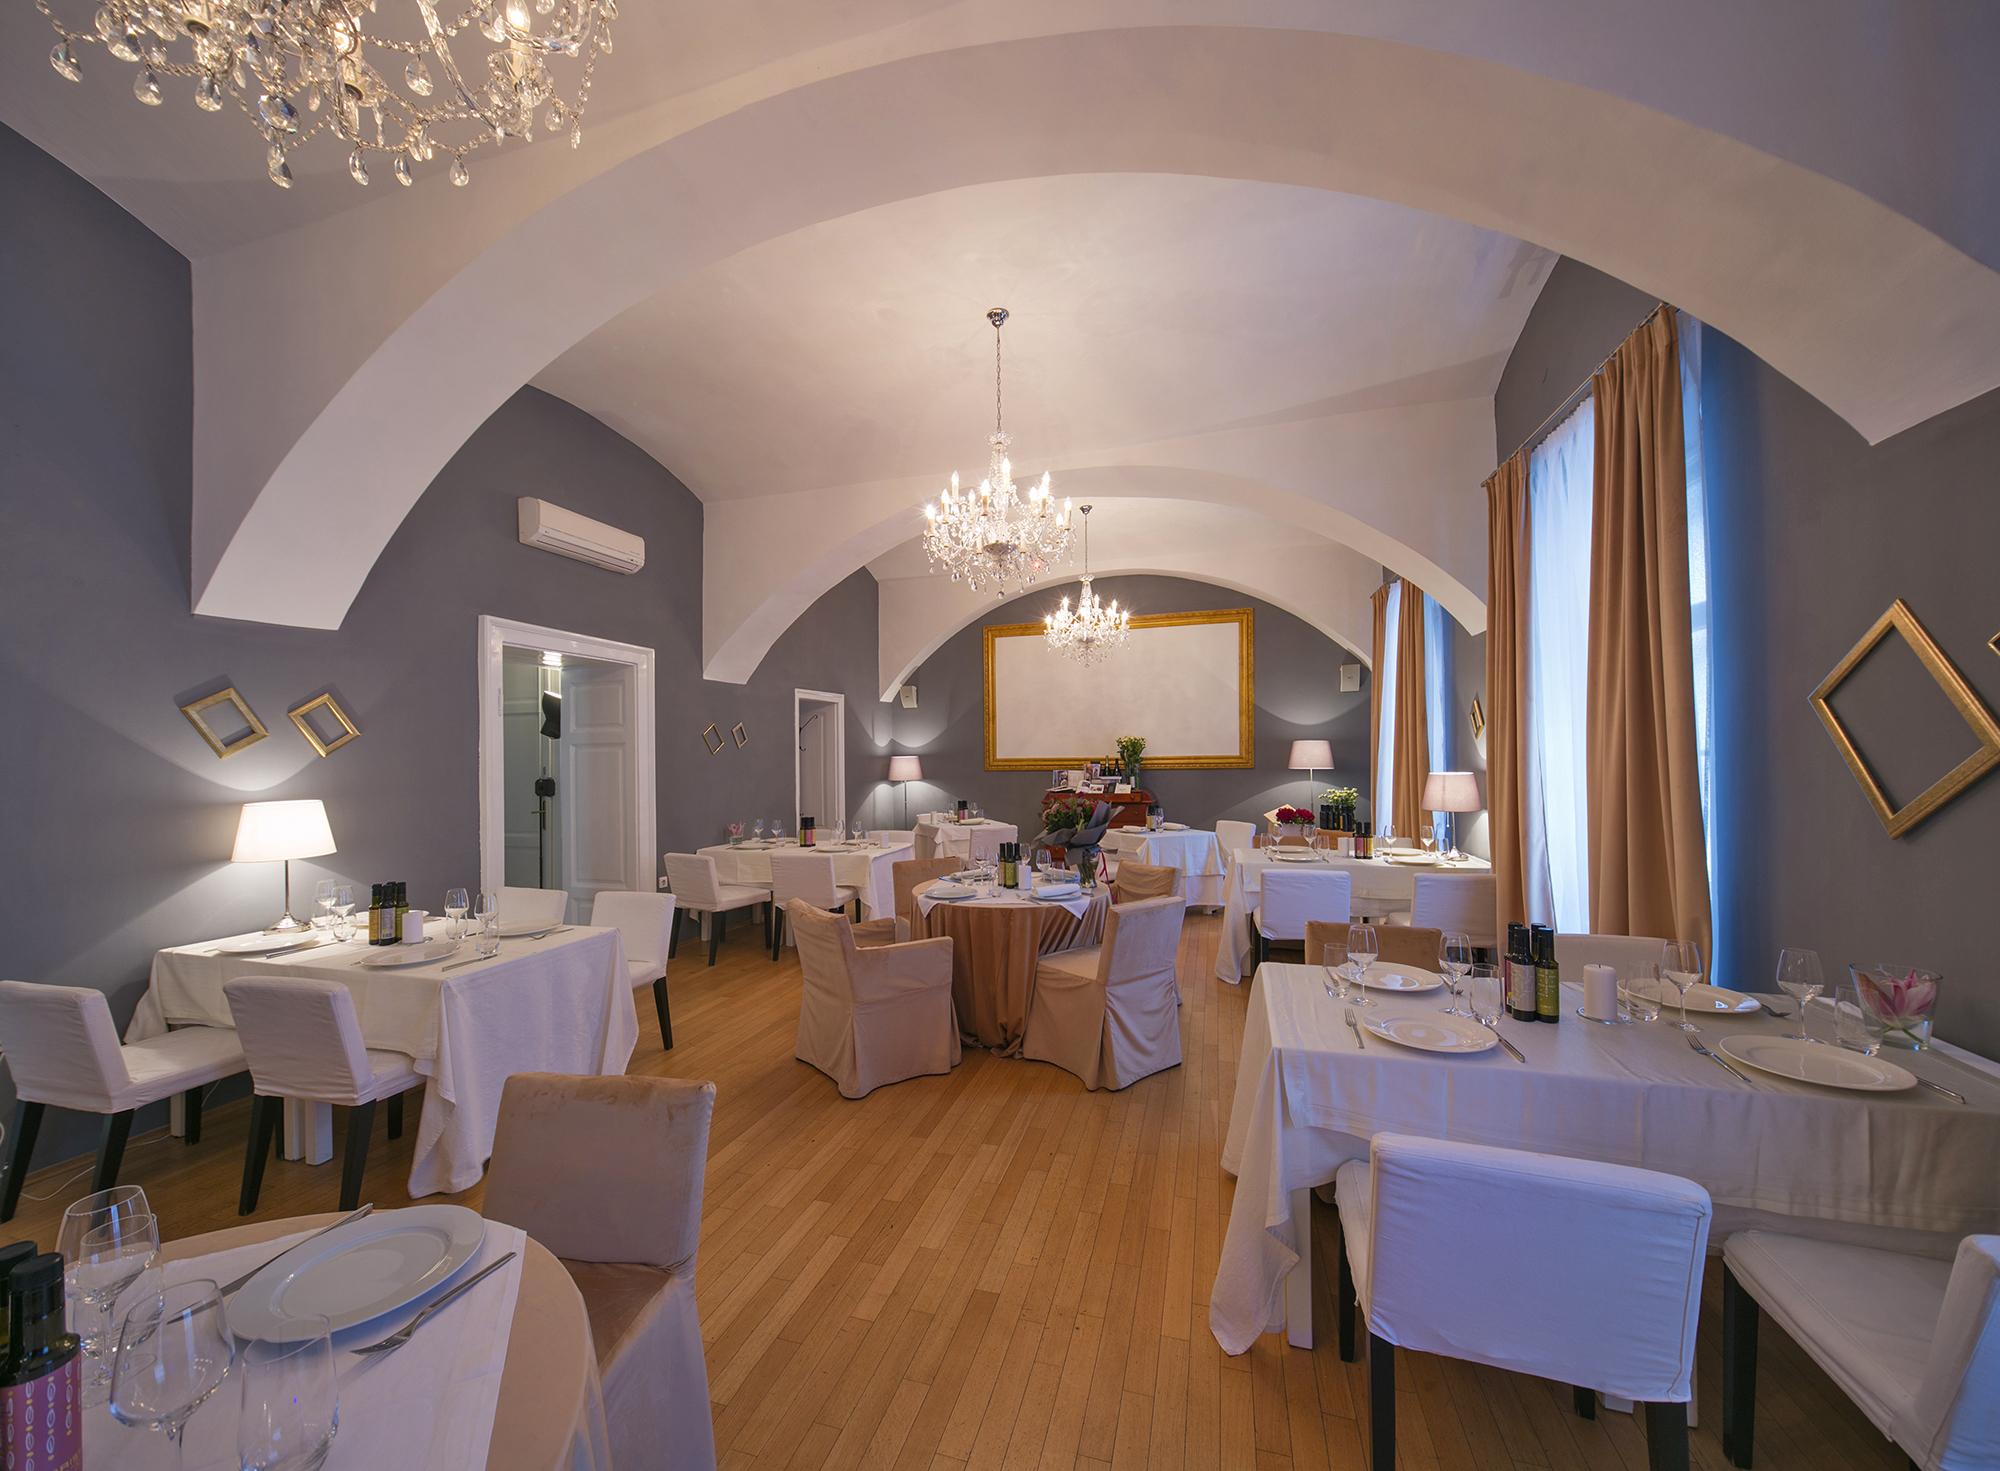 Prvi restoran se, naime, nalazi u Vodnjanu, otvorili su ga prije 40 godina, a sad su otvorili i zagrebački  na adresi Gundulićeva 16.